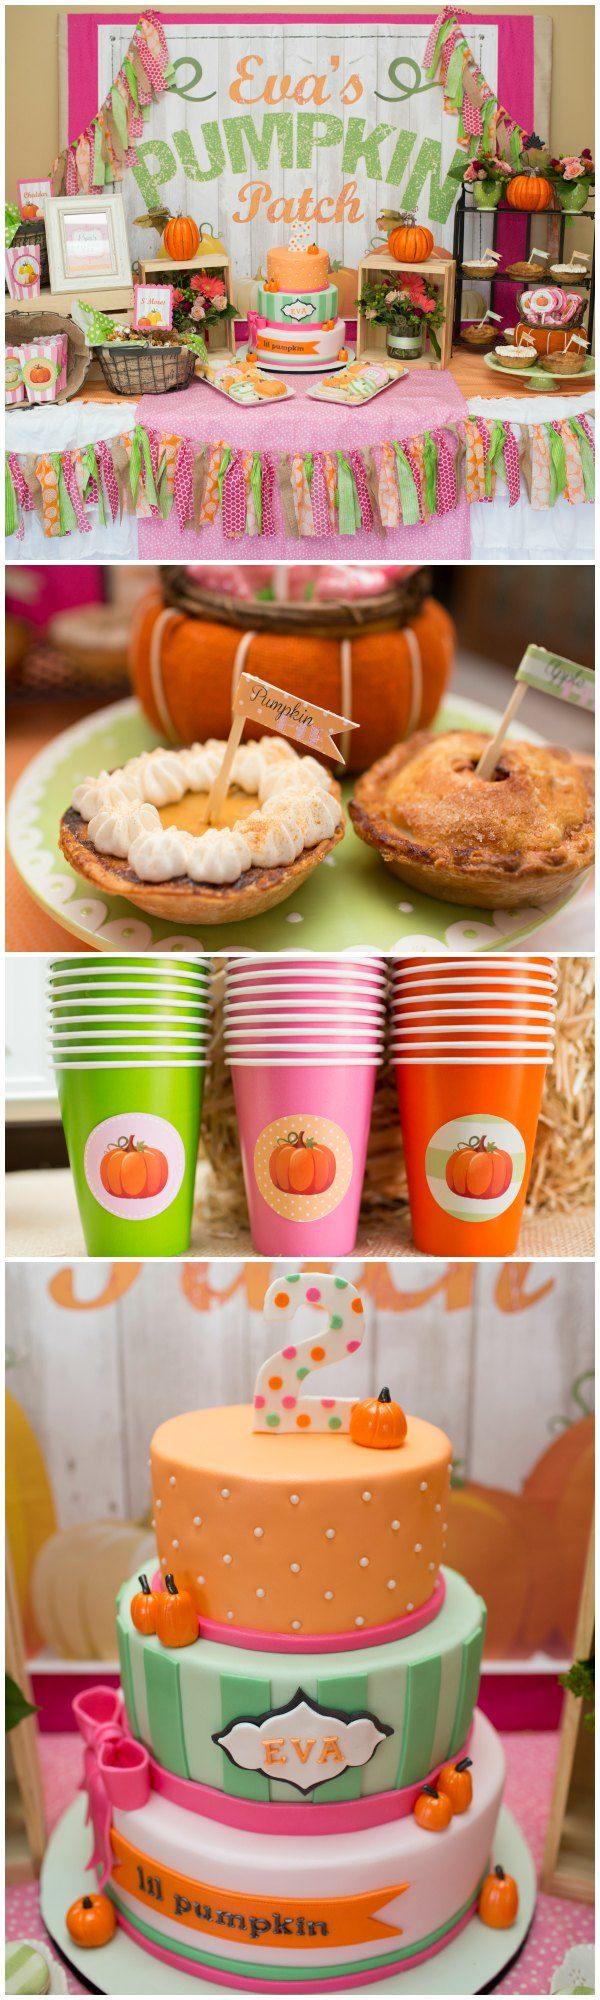 Girly Pumpkin Party Ideas - Little Pumpkin